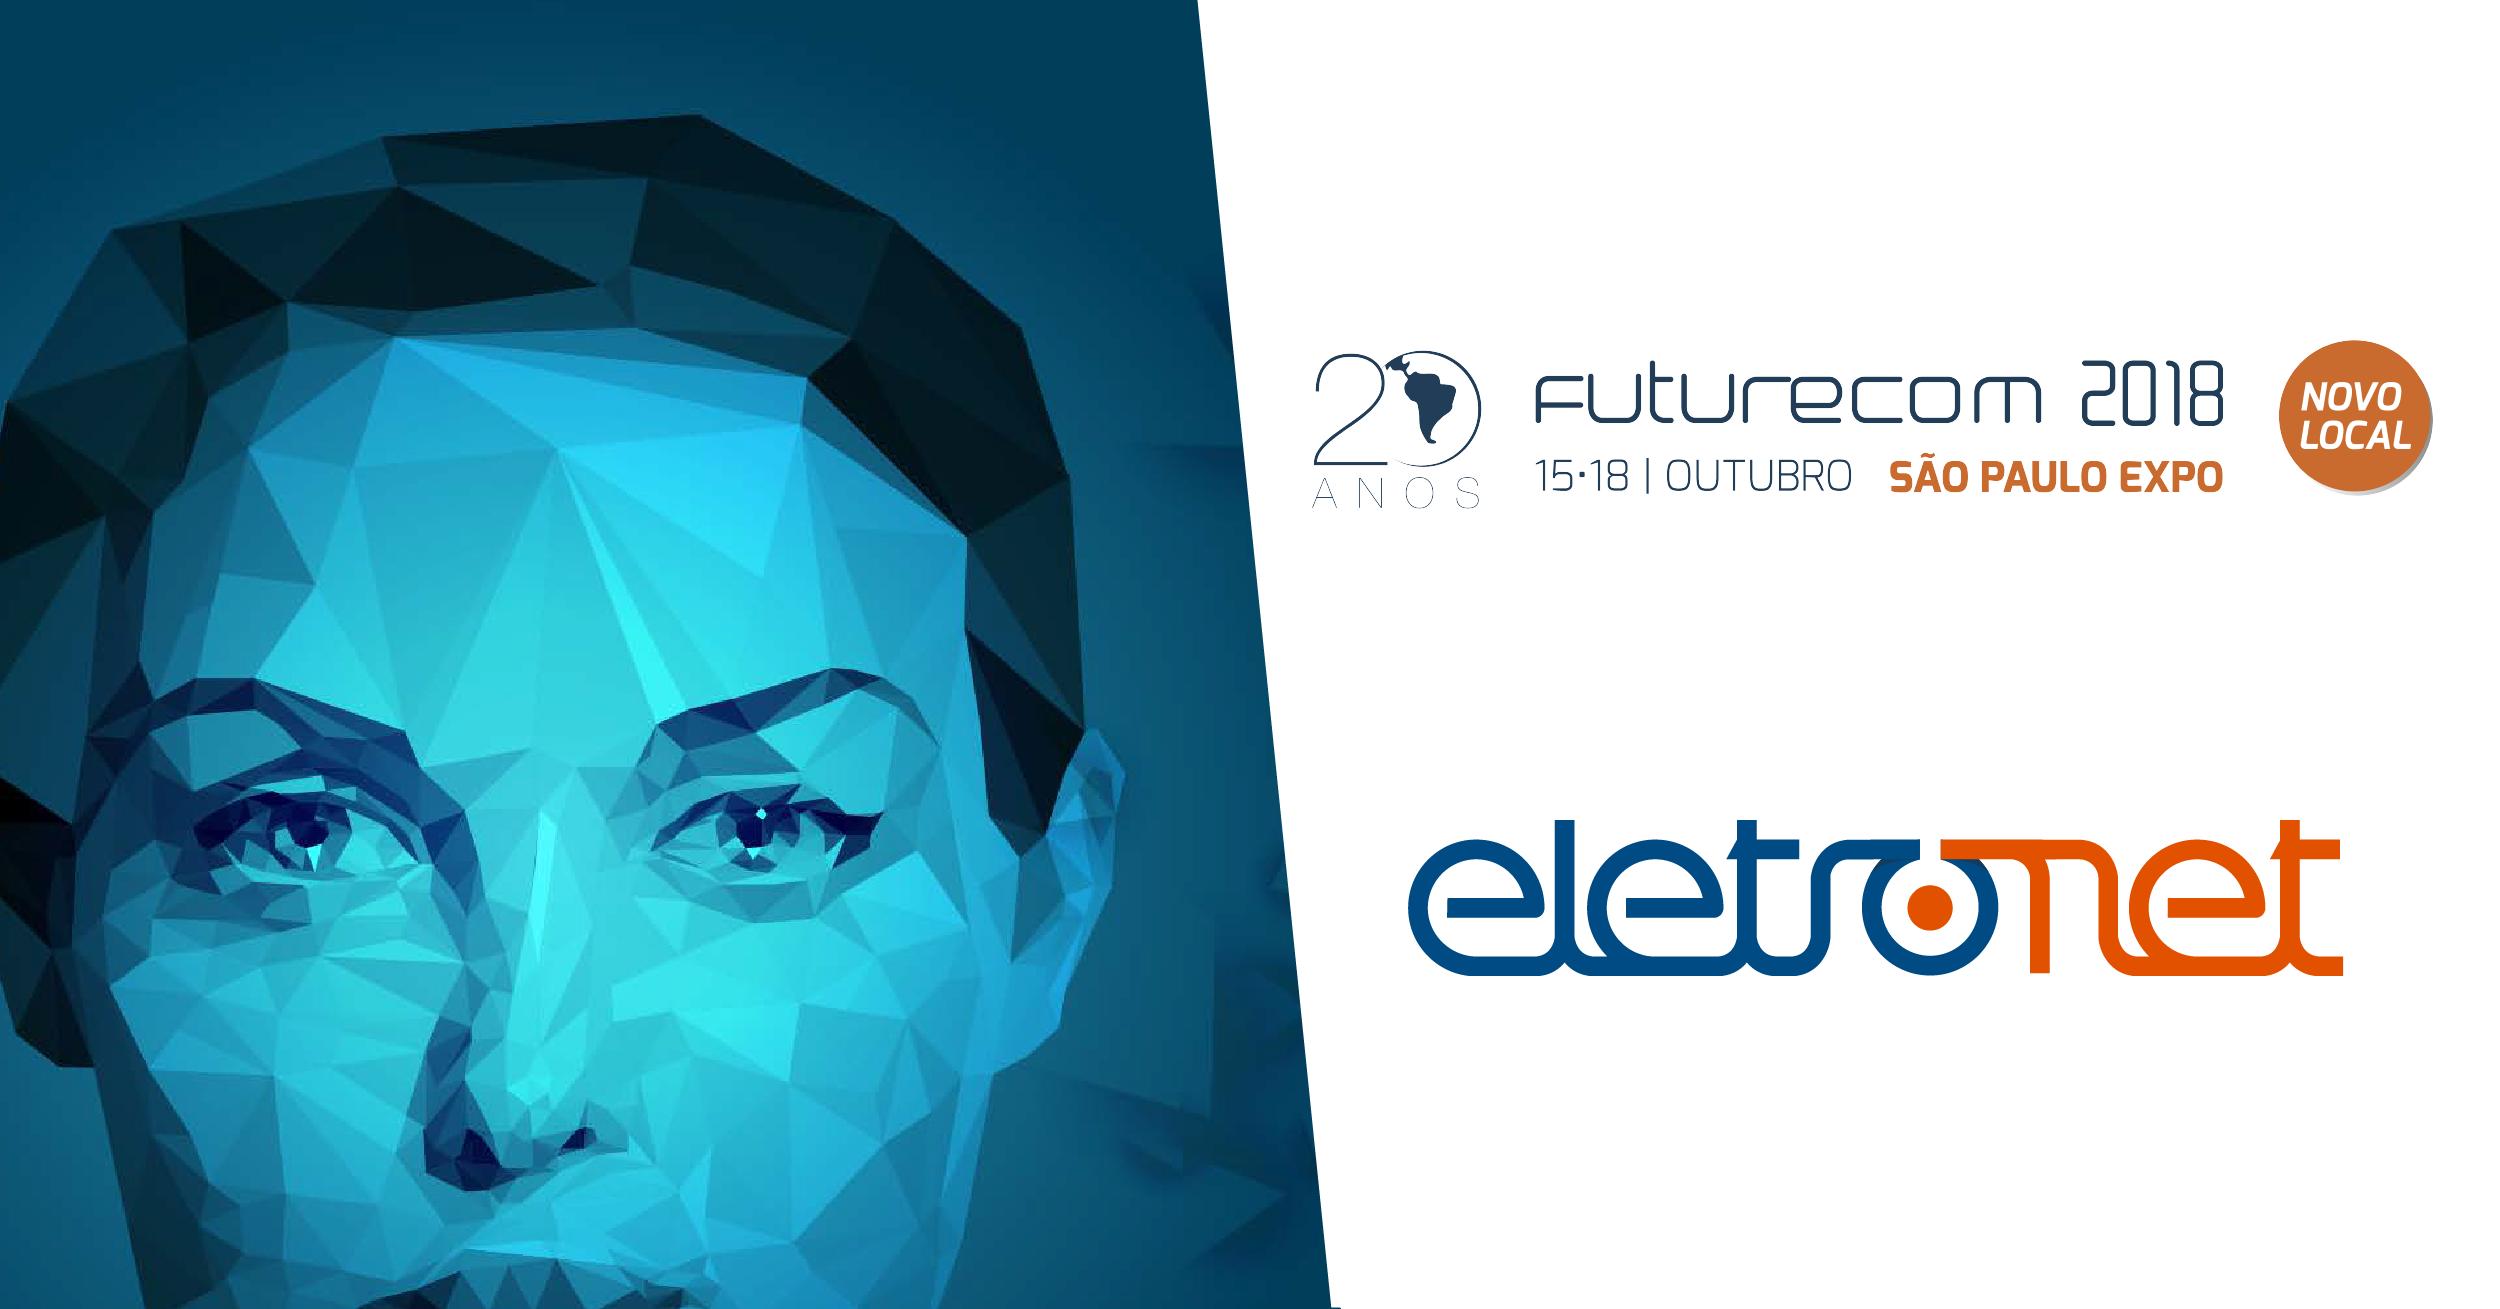 Eletronet na 20ª Edição do Futurecom em São Paulo